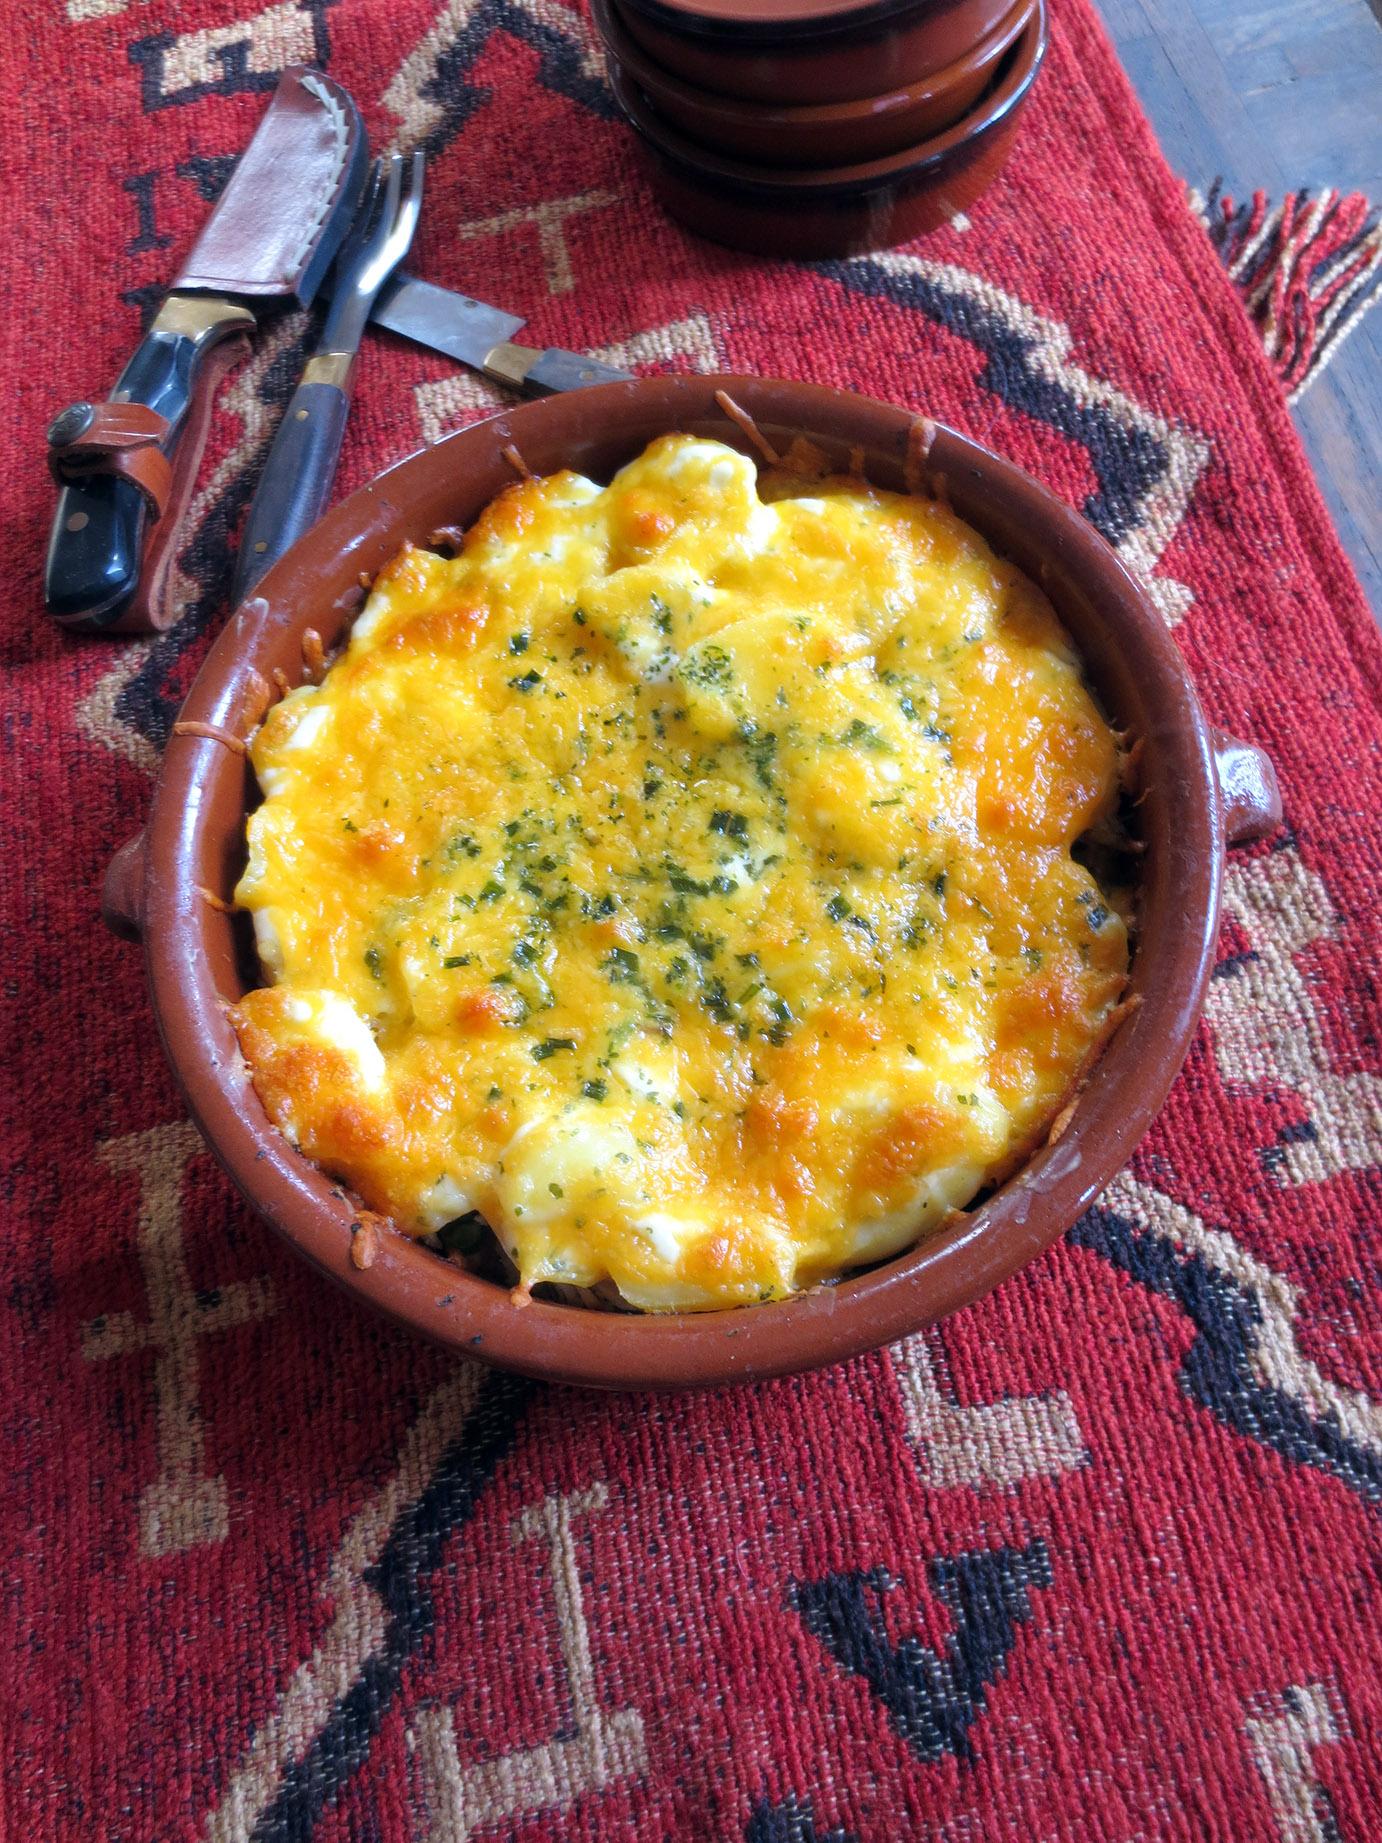 Pastel de pollo gratin de poulet argentin je cuisine donc je suis - Recette de cuisine argentine ...